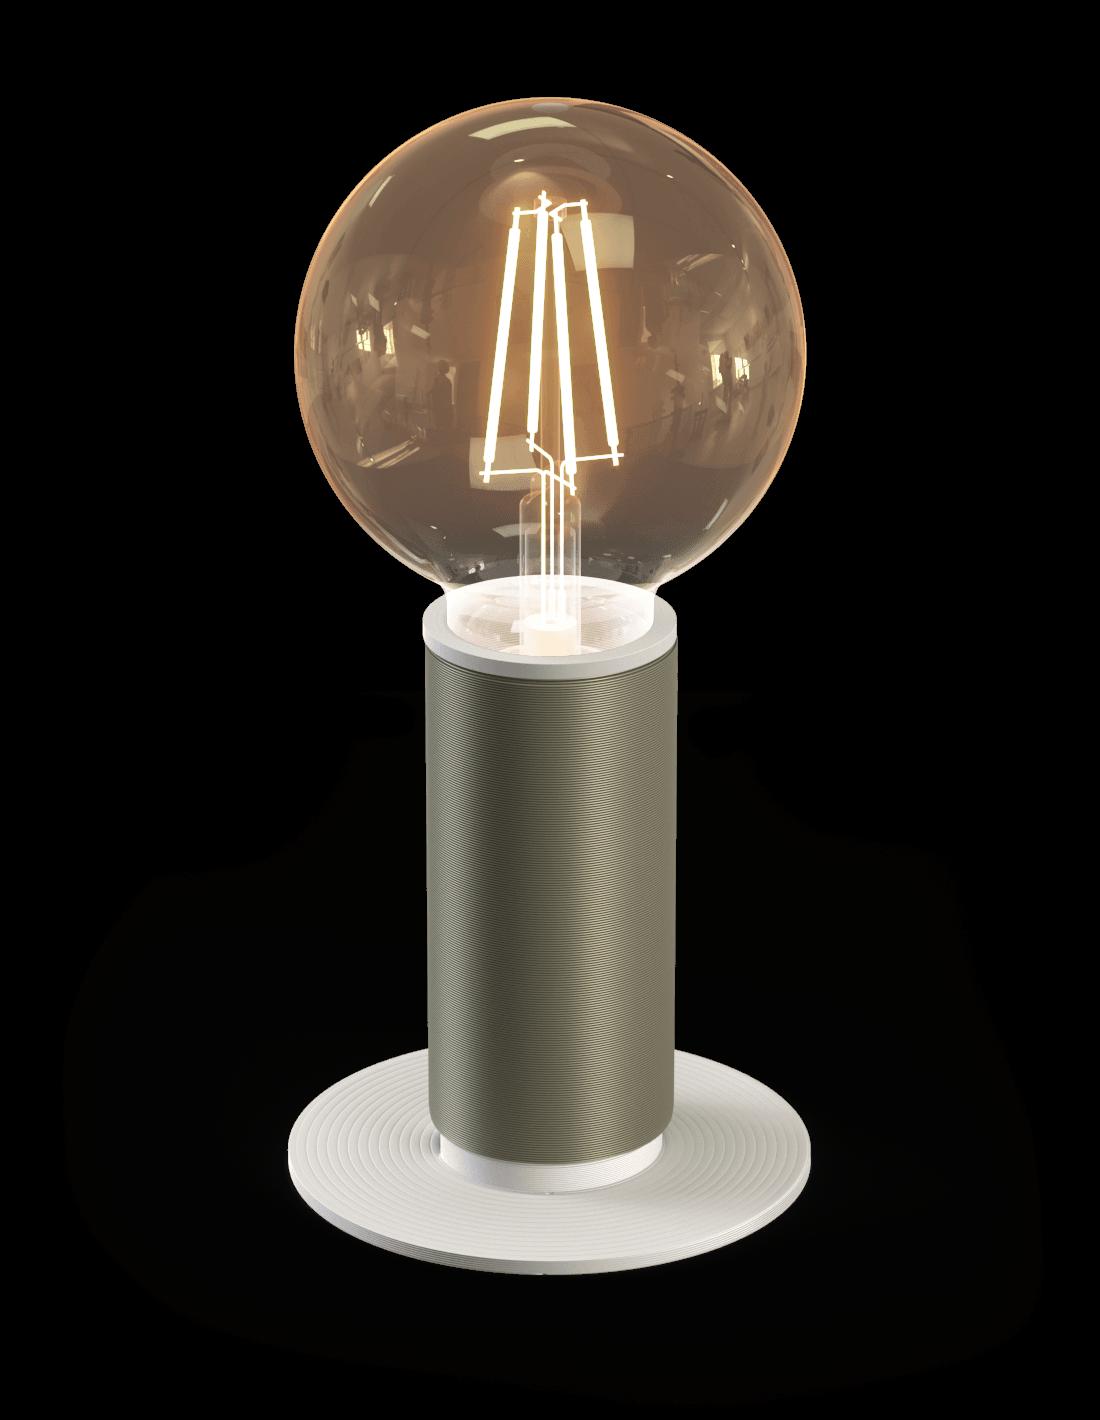 Cords Standaard Tafellamp Metallic green